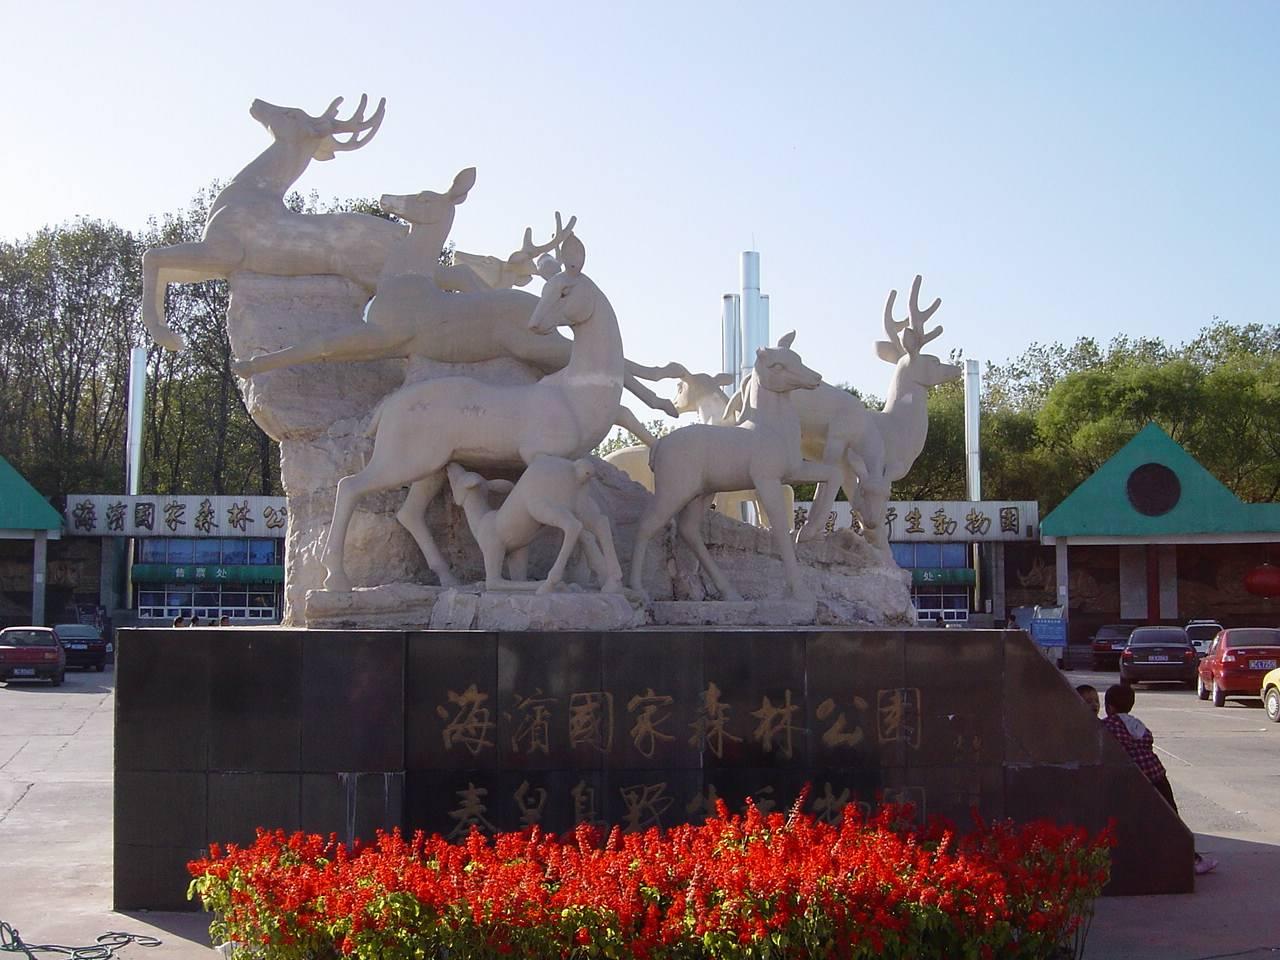 秦皇岛野生动物园 - 山东聊城聊之旅国际旅行社有限